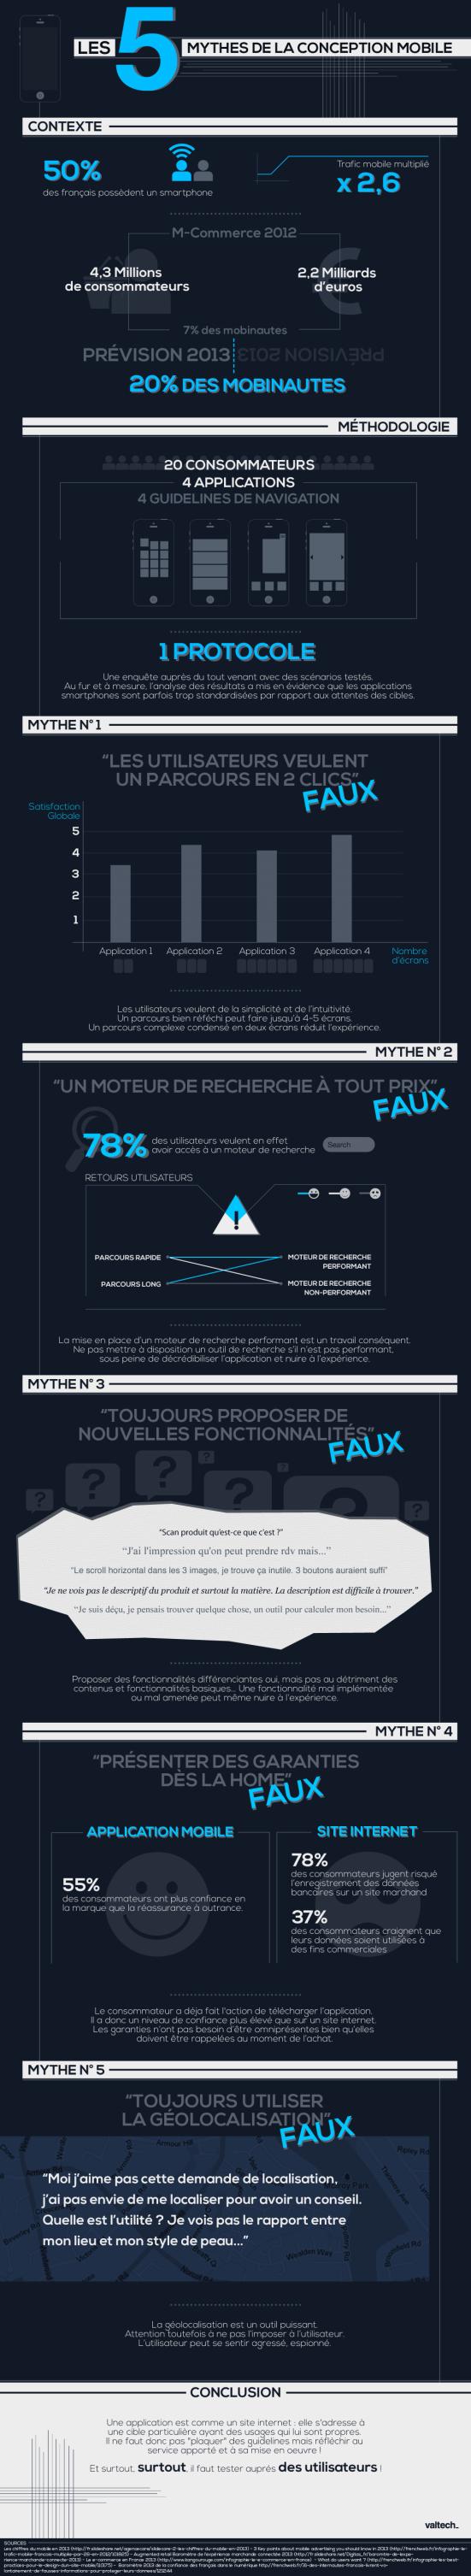 Les 5 mythes de la conception mobile